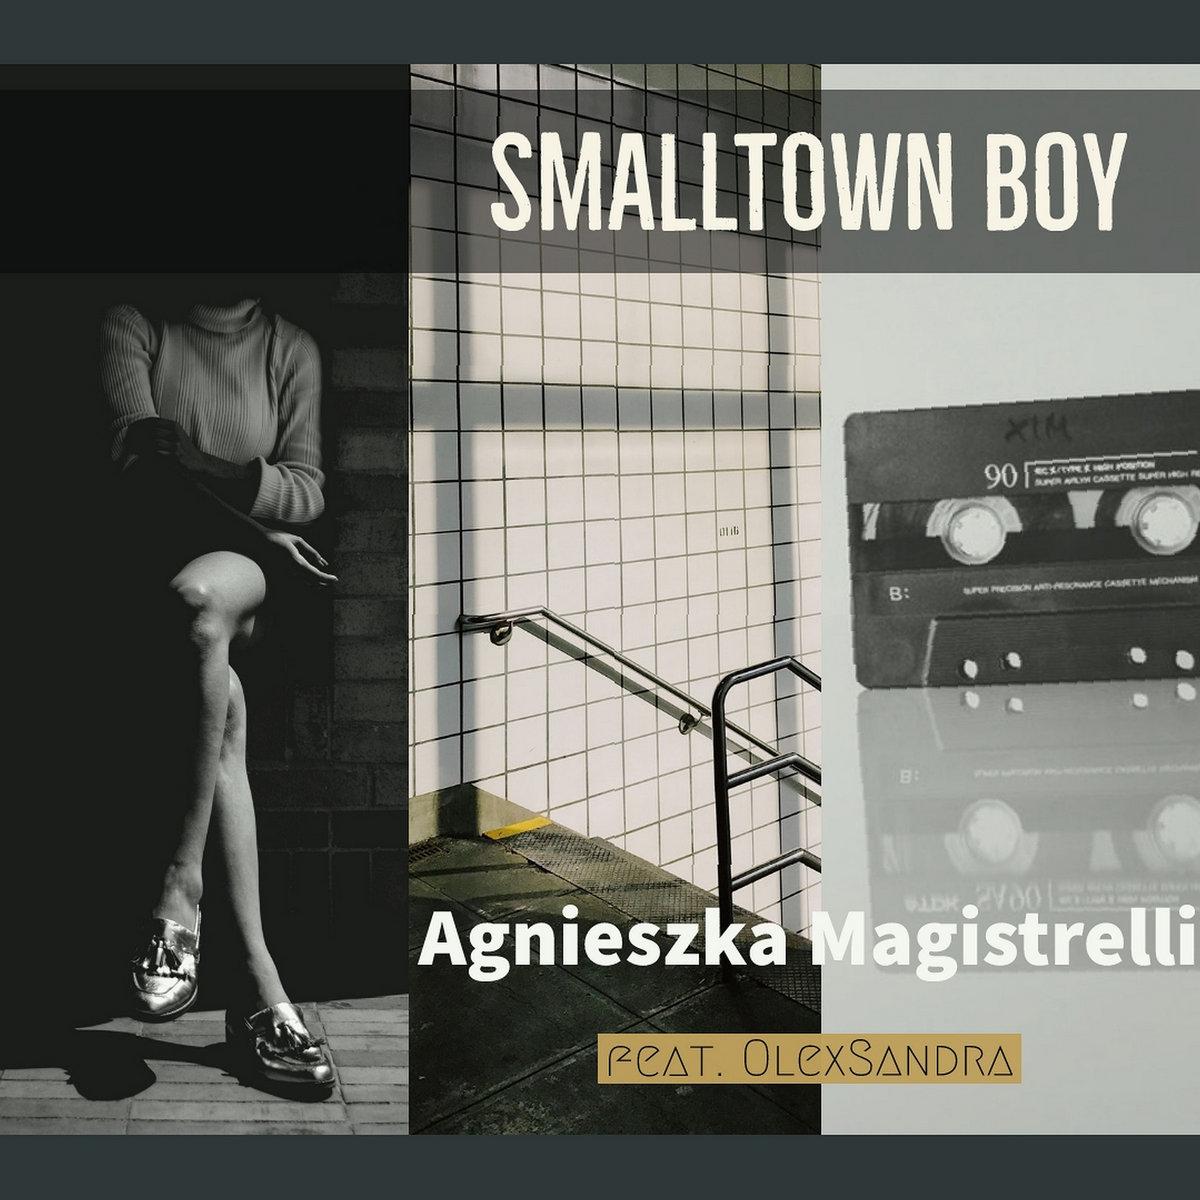 Smalltown Boy (feat.OlexSandra) by Agnieszka Magistrelli